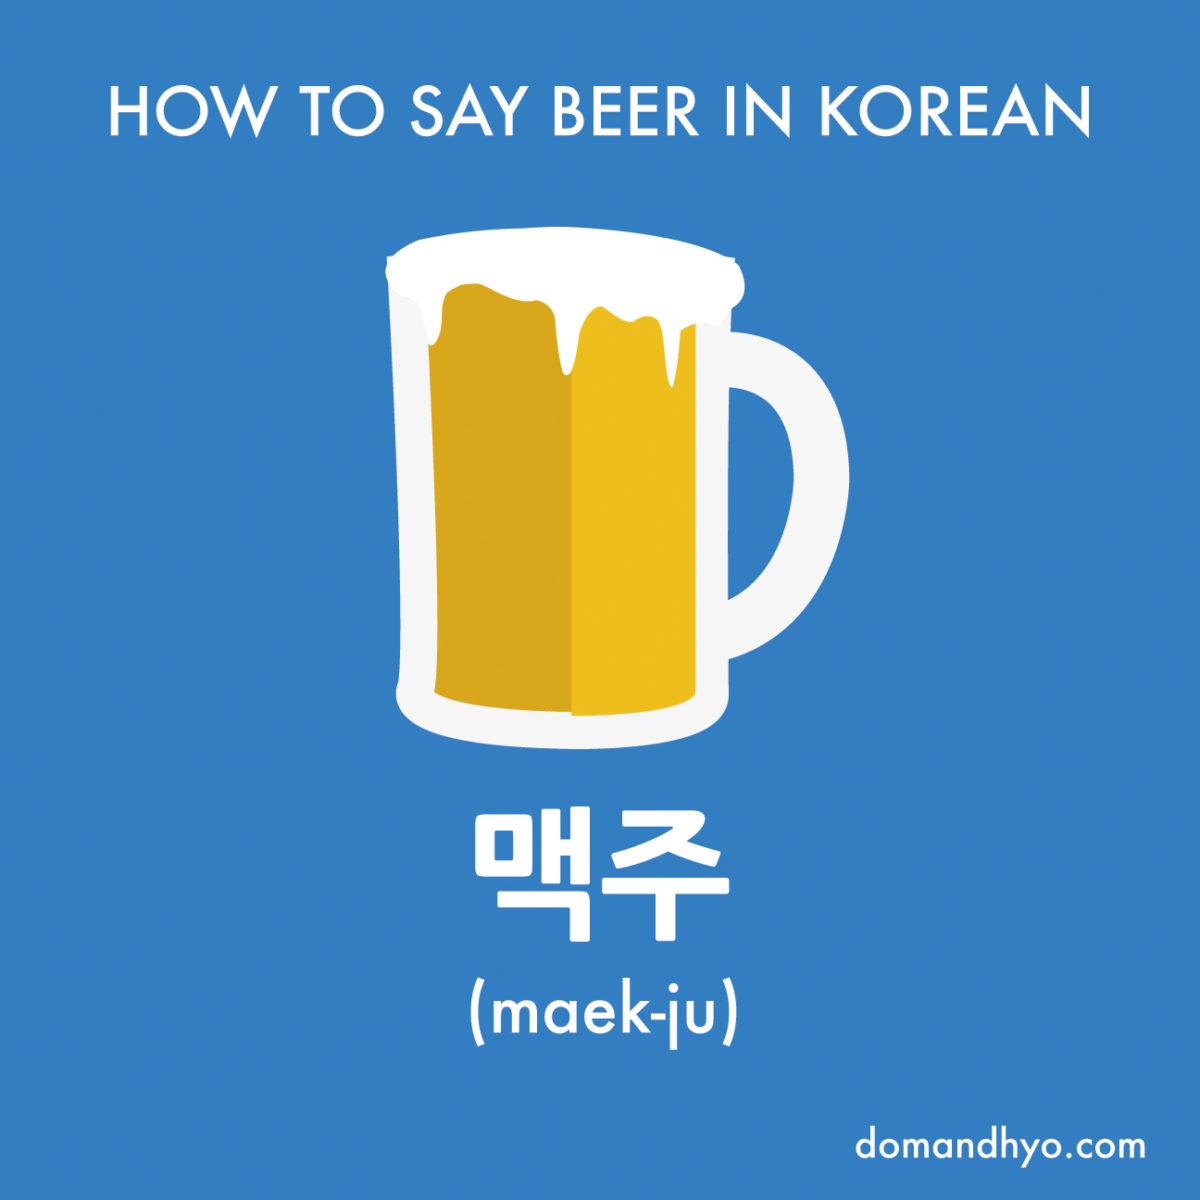 How to Say Beer in Korean